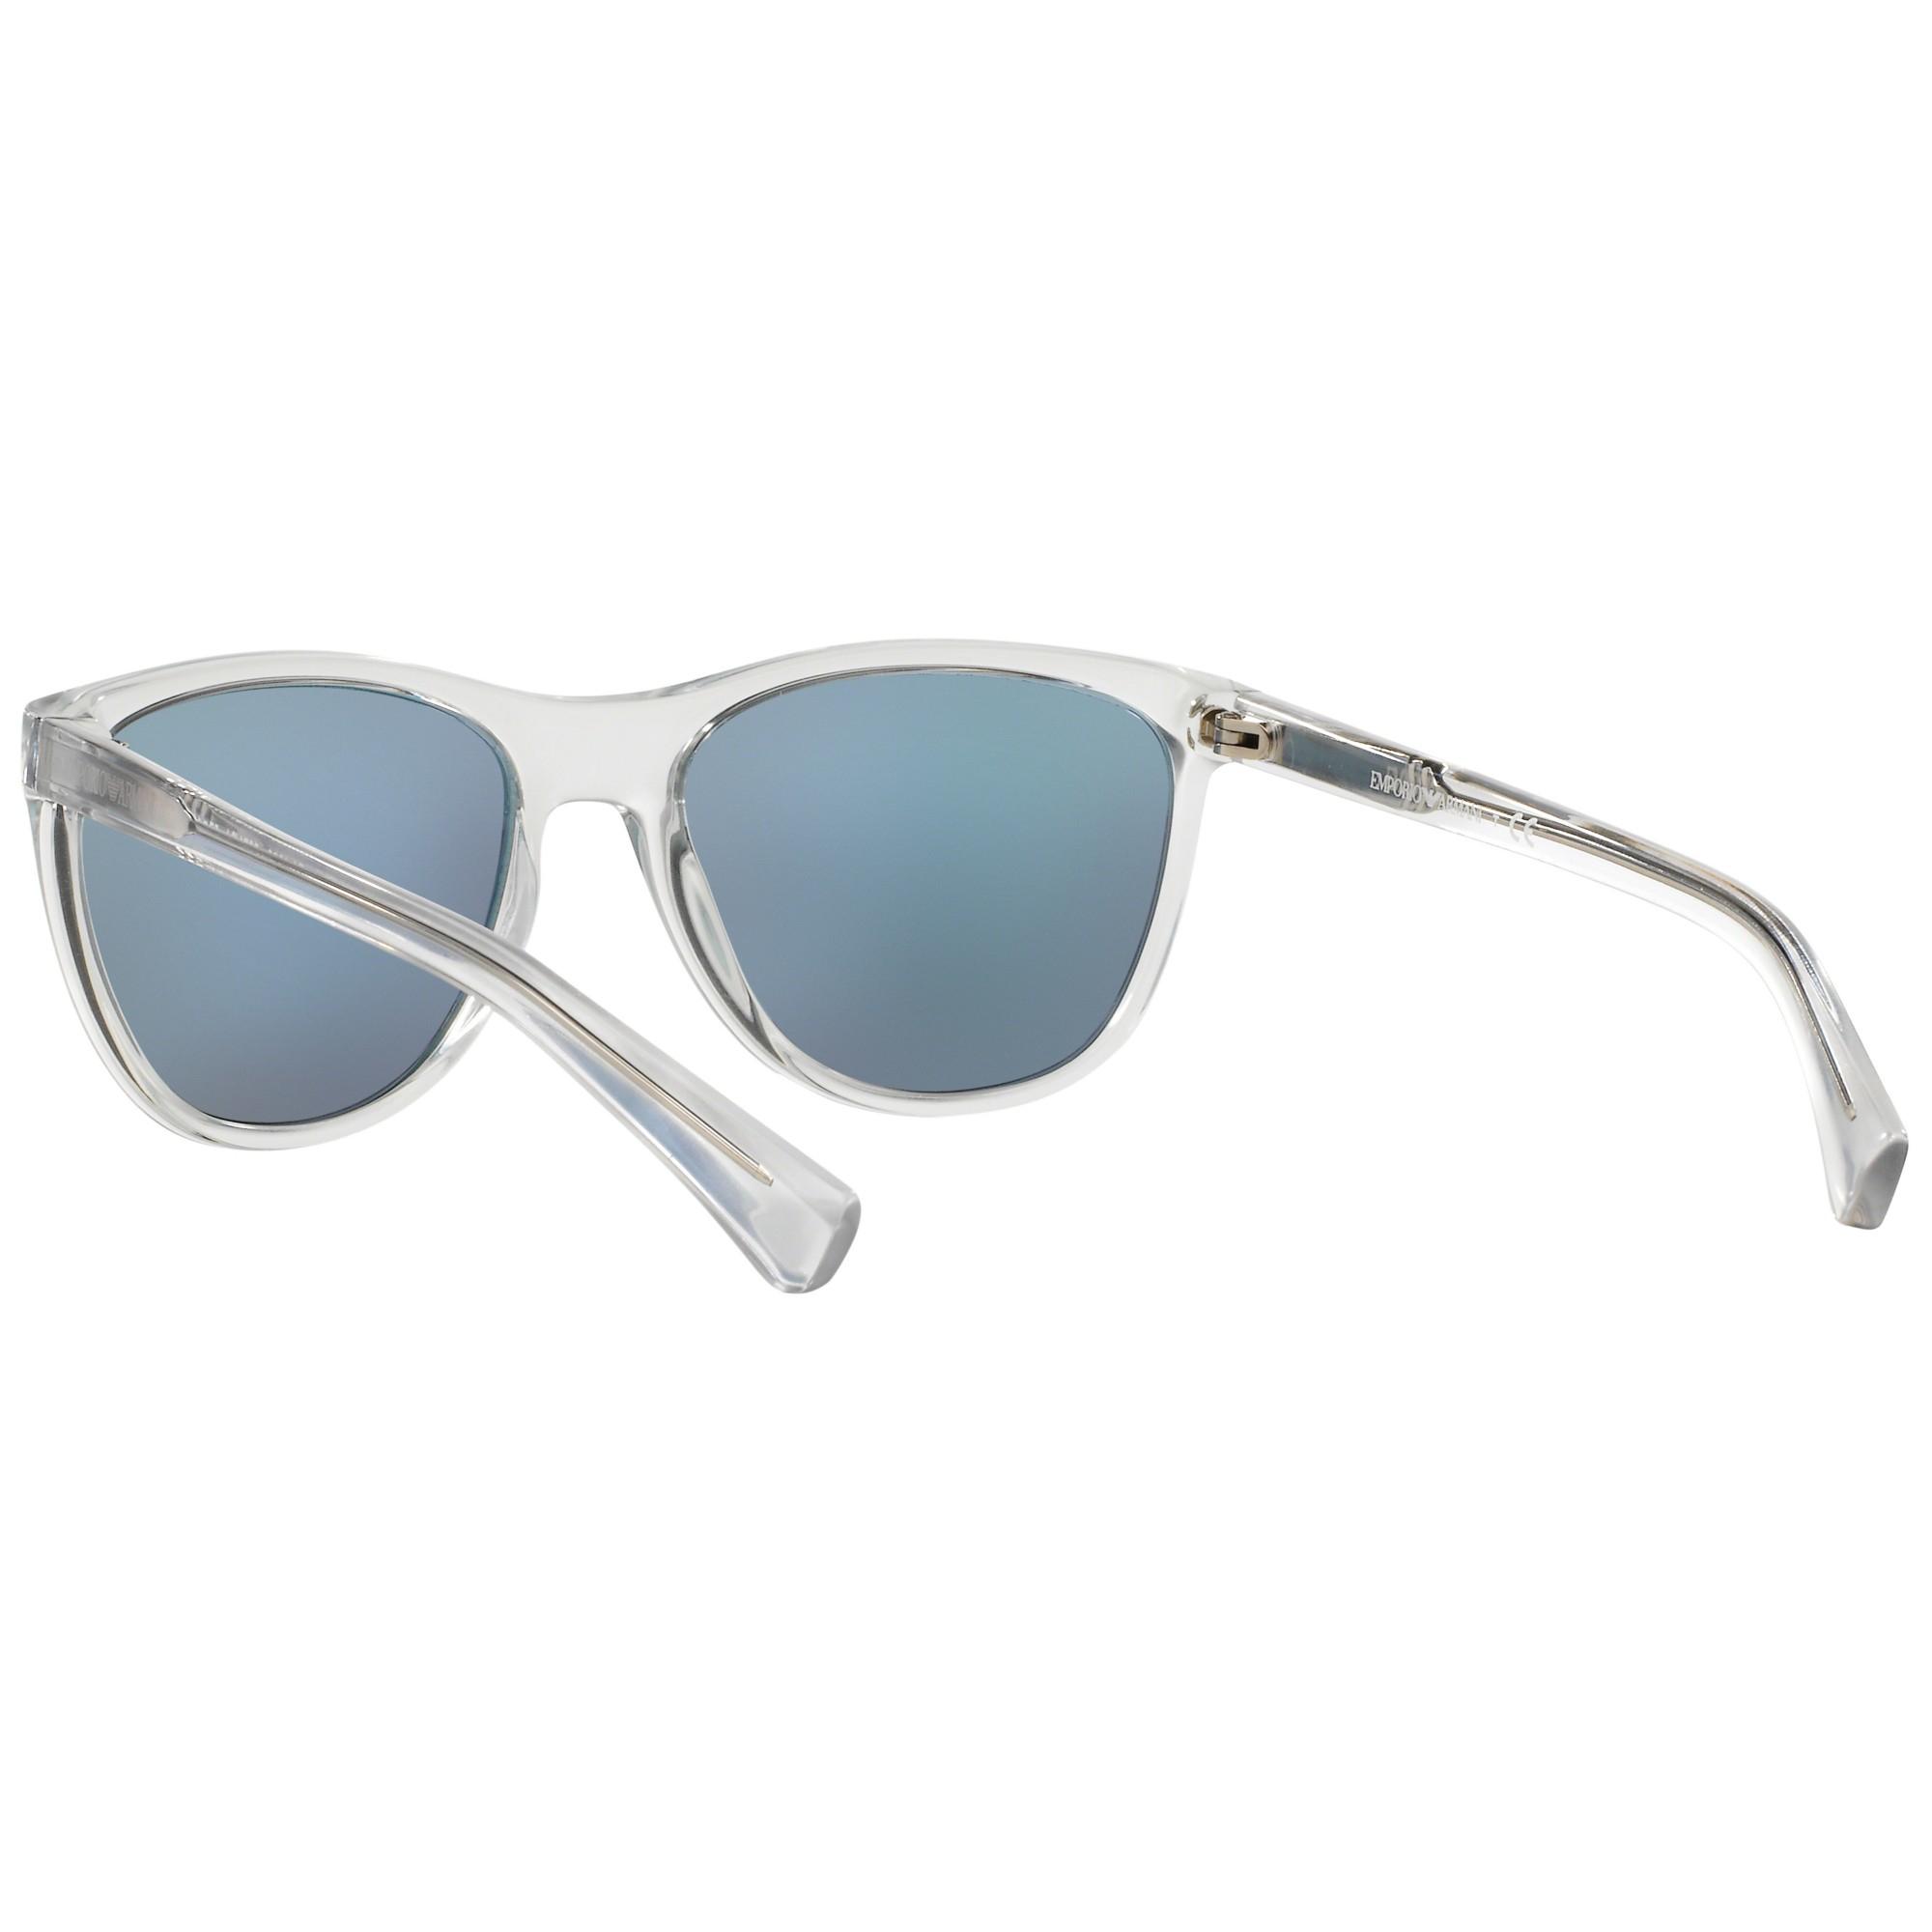 8fc1d052cf Emporio Armani Ea4053 Square Framed Sunglasses - Lyst